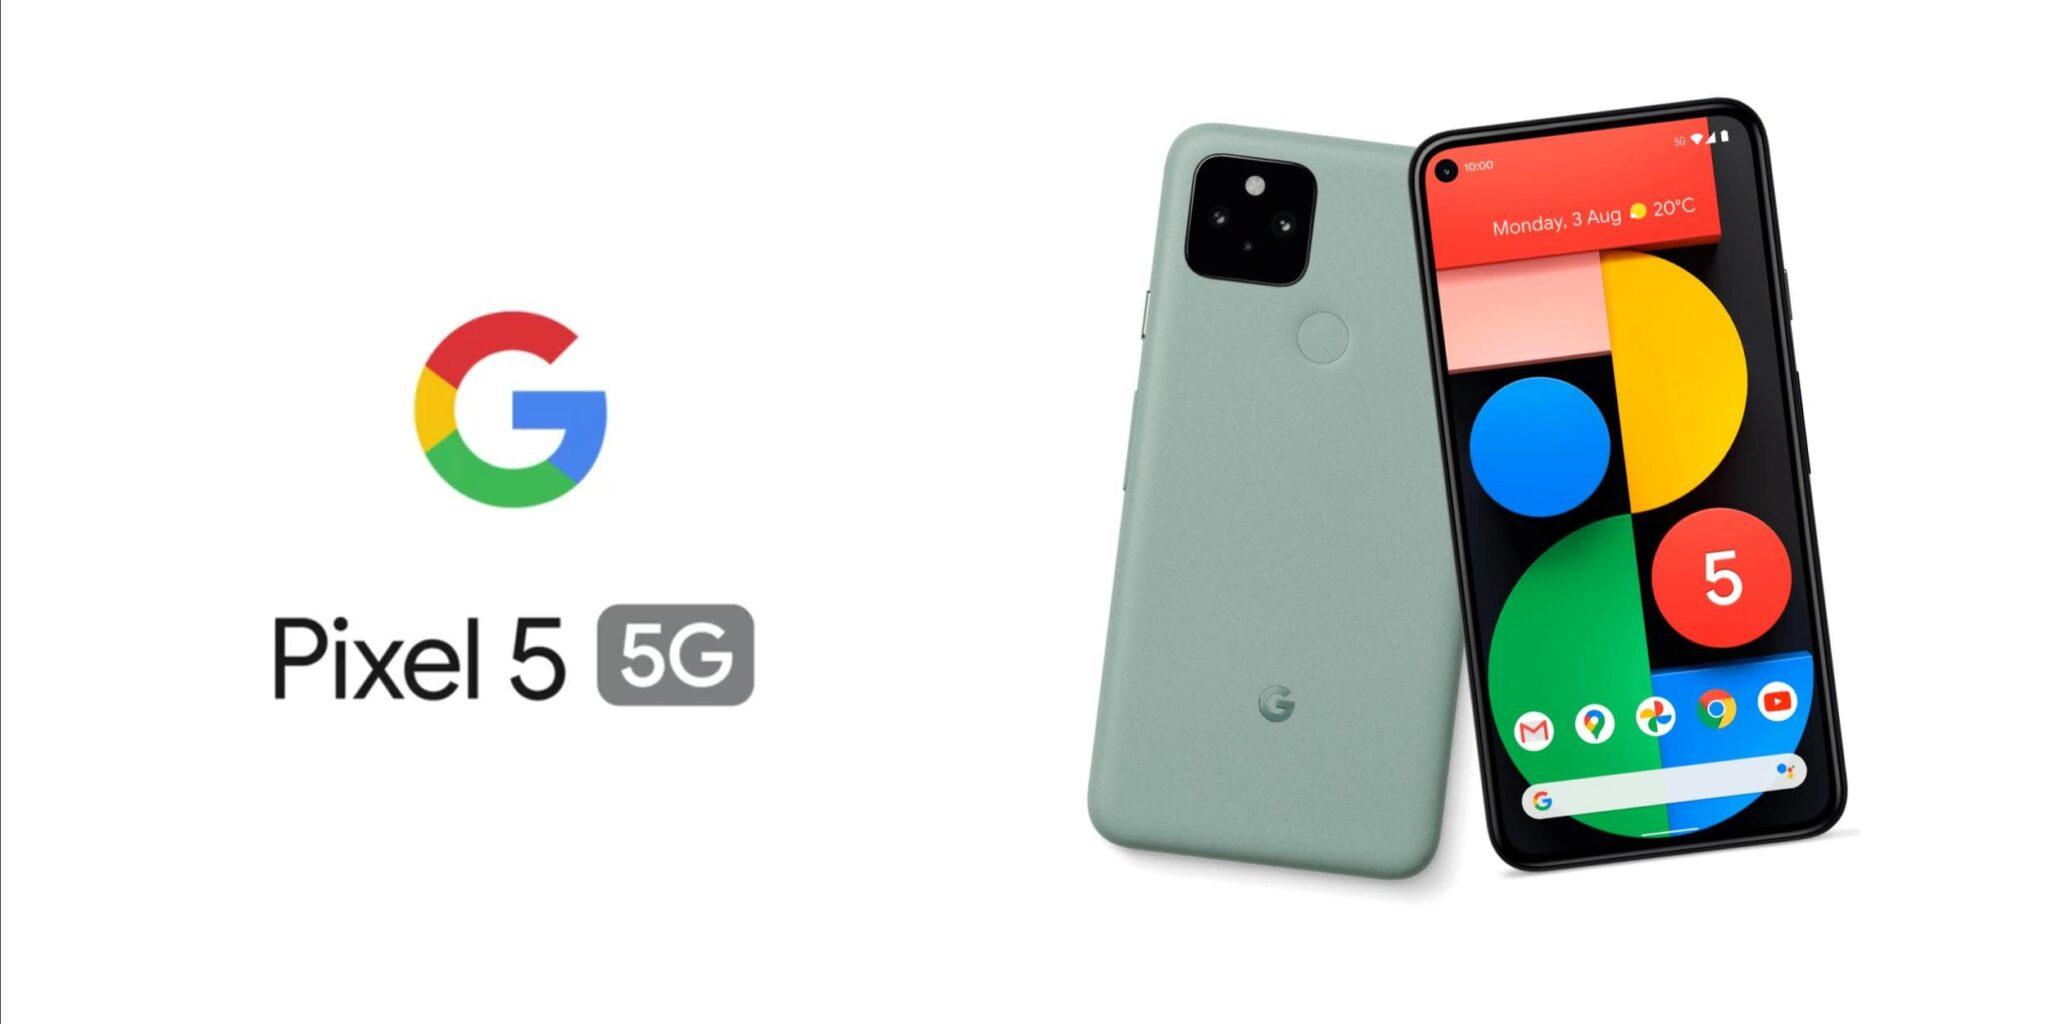 """Tầm 16 triệu chọn iPhone """"dung lượng khủng"""" hay smartphone """"hoàn hảo"""" của Google? - 5"""